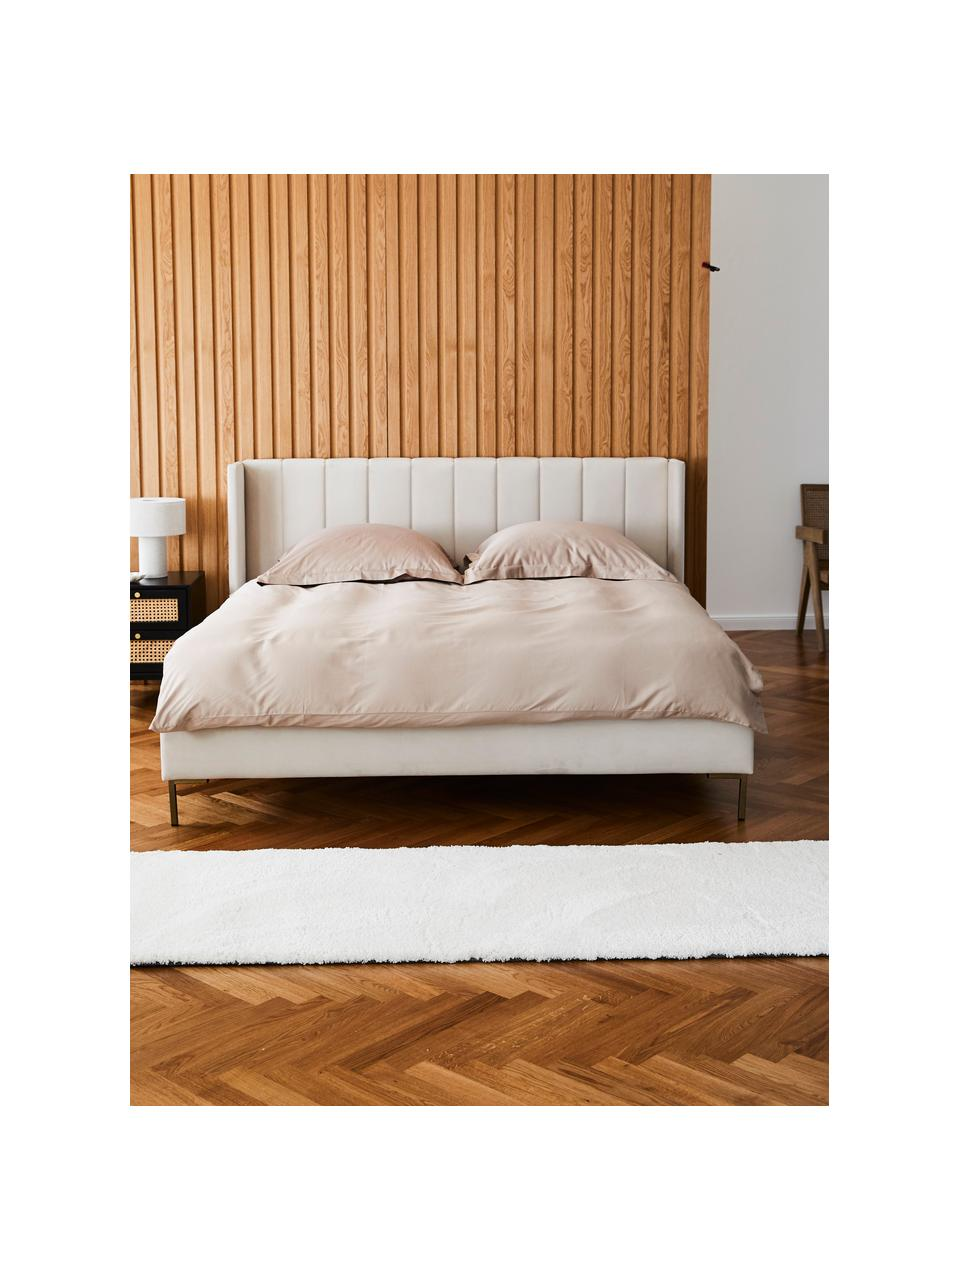 Gestoffeerd fluwelen bed Dusk in beige, Bekleding: polyester fluweel, Frame: massief grenenhout en pla, Poten: gepoedercoat metaal, Fluweel beige, 160 x 200 cm